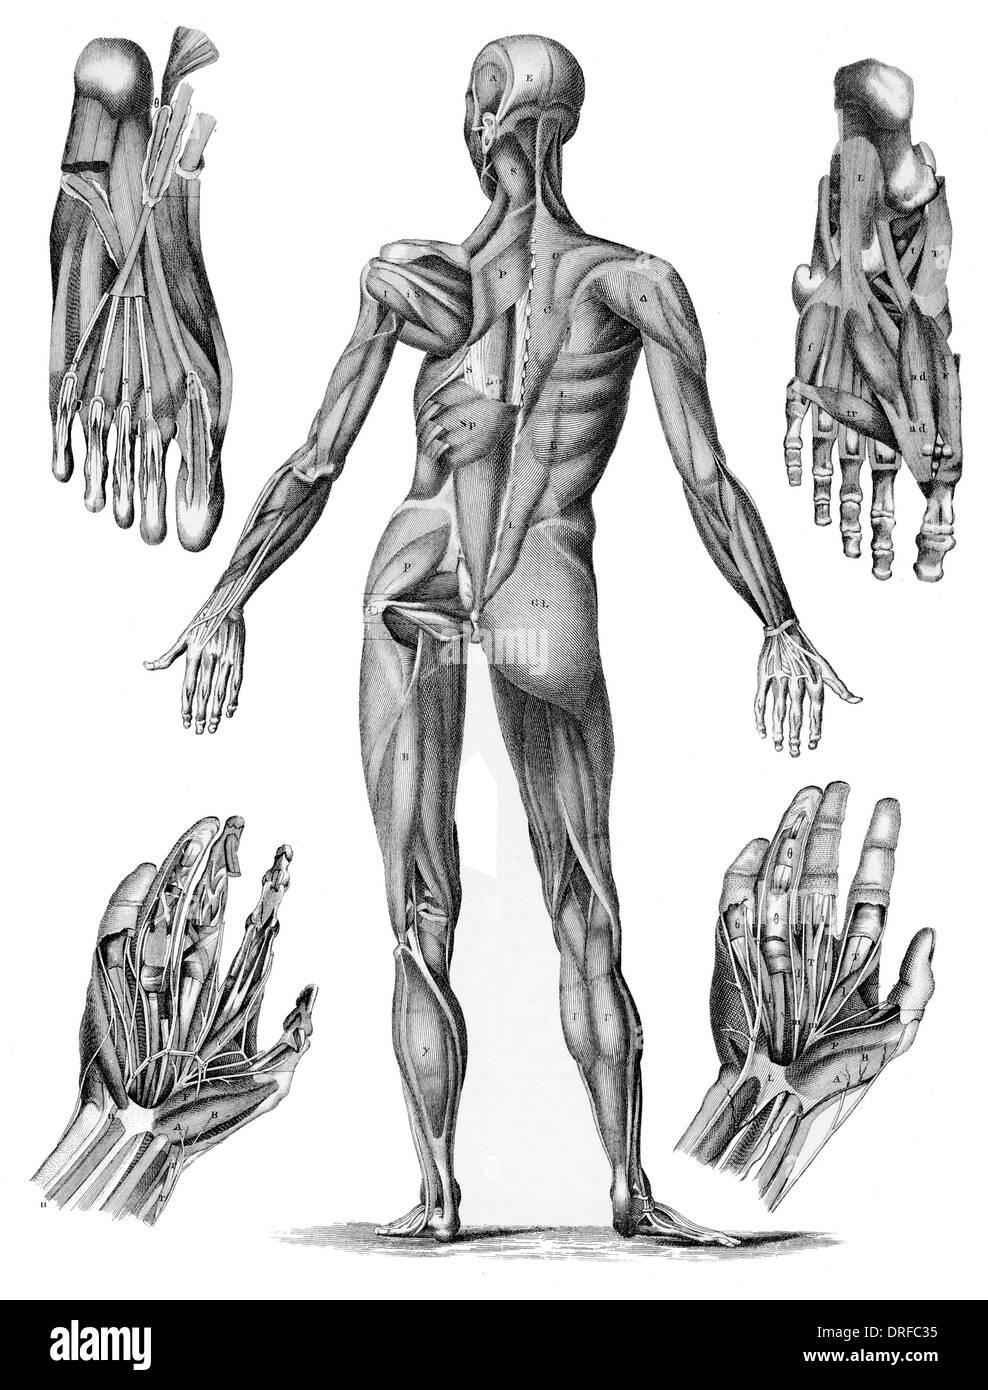 Les droits de l'anatomie musculaire Muscles des hommes - à l'arrière y compris les mains et les pieds arrière Photo Stock